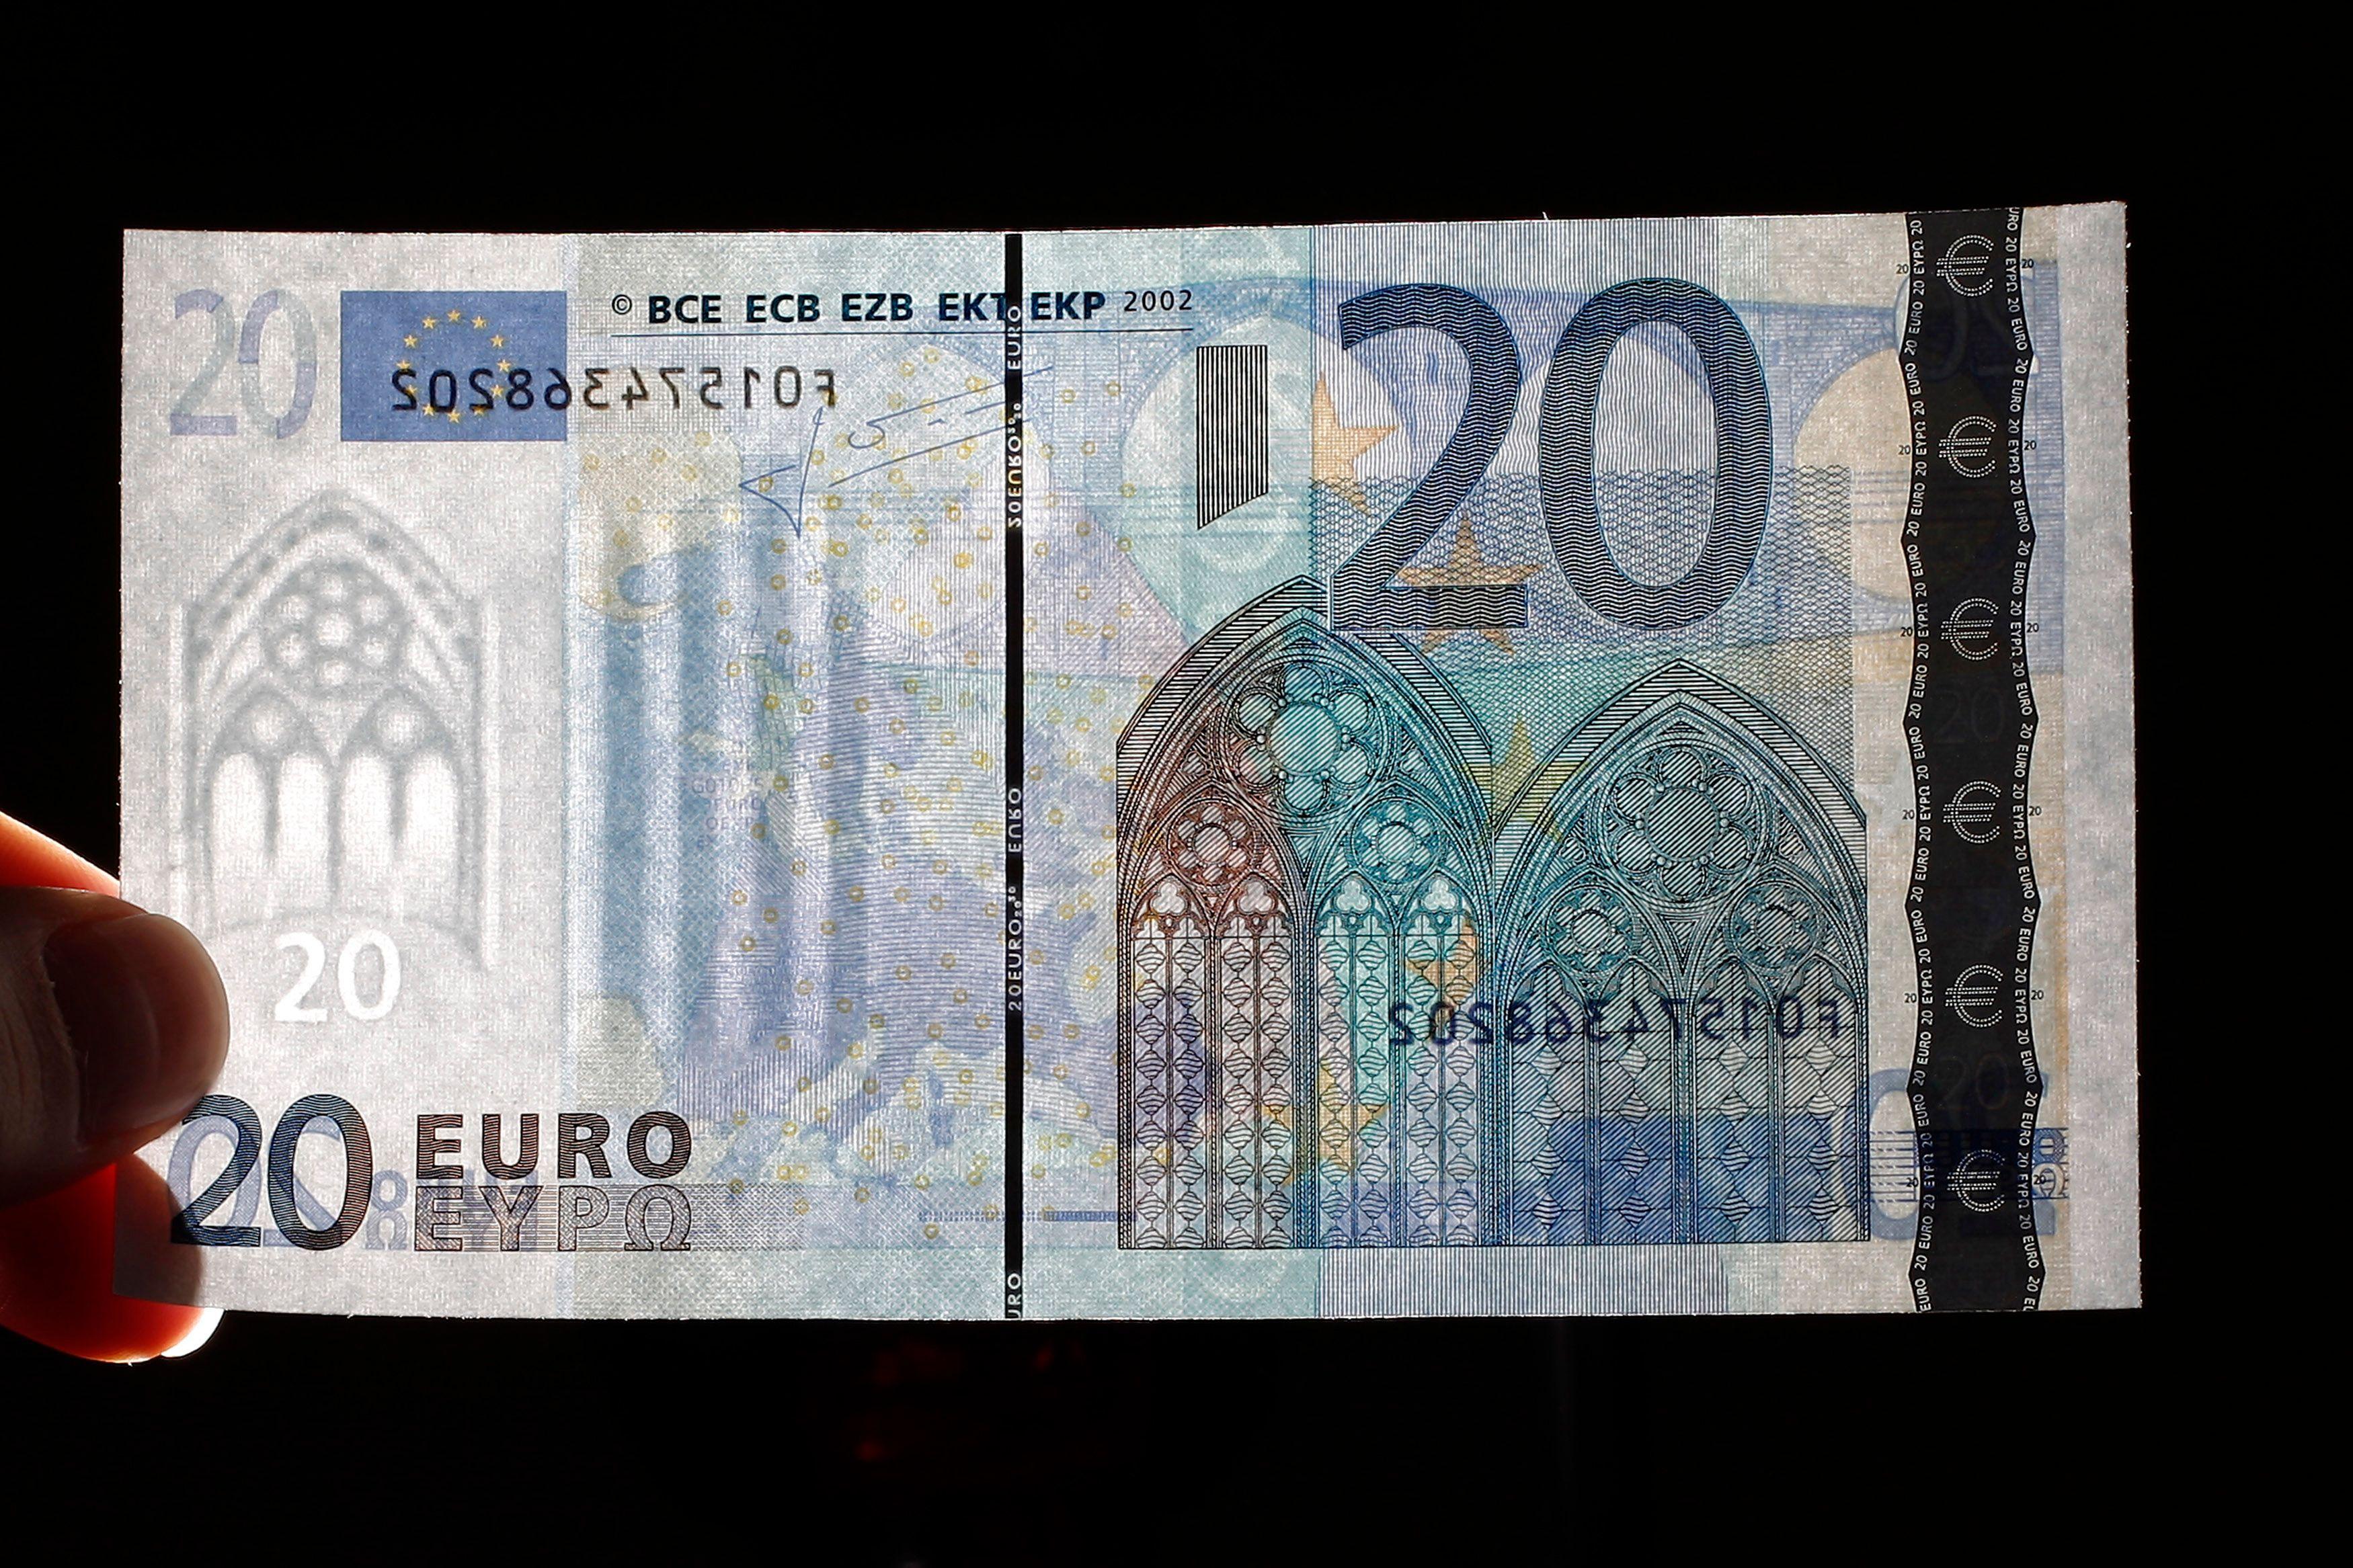 L'Eurobilltracker permet de pister n'importe quel billet sur la base des numéros de série qui l'identifient.